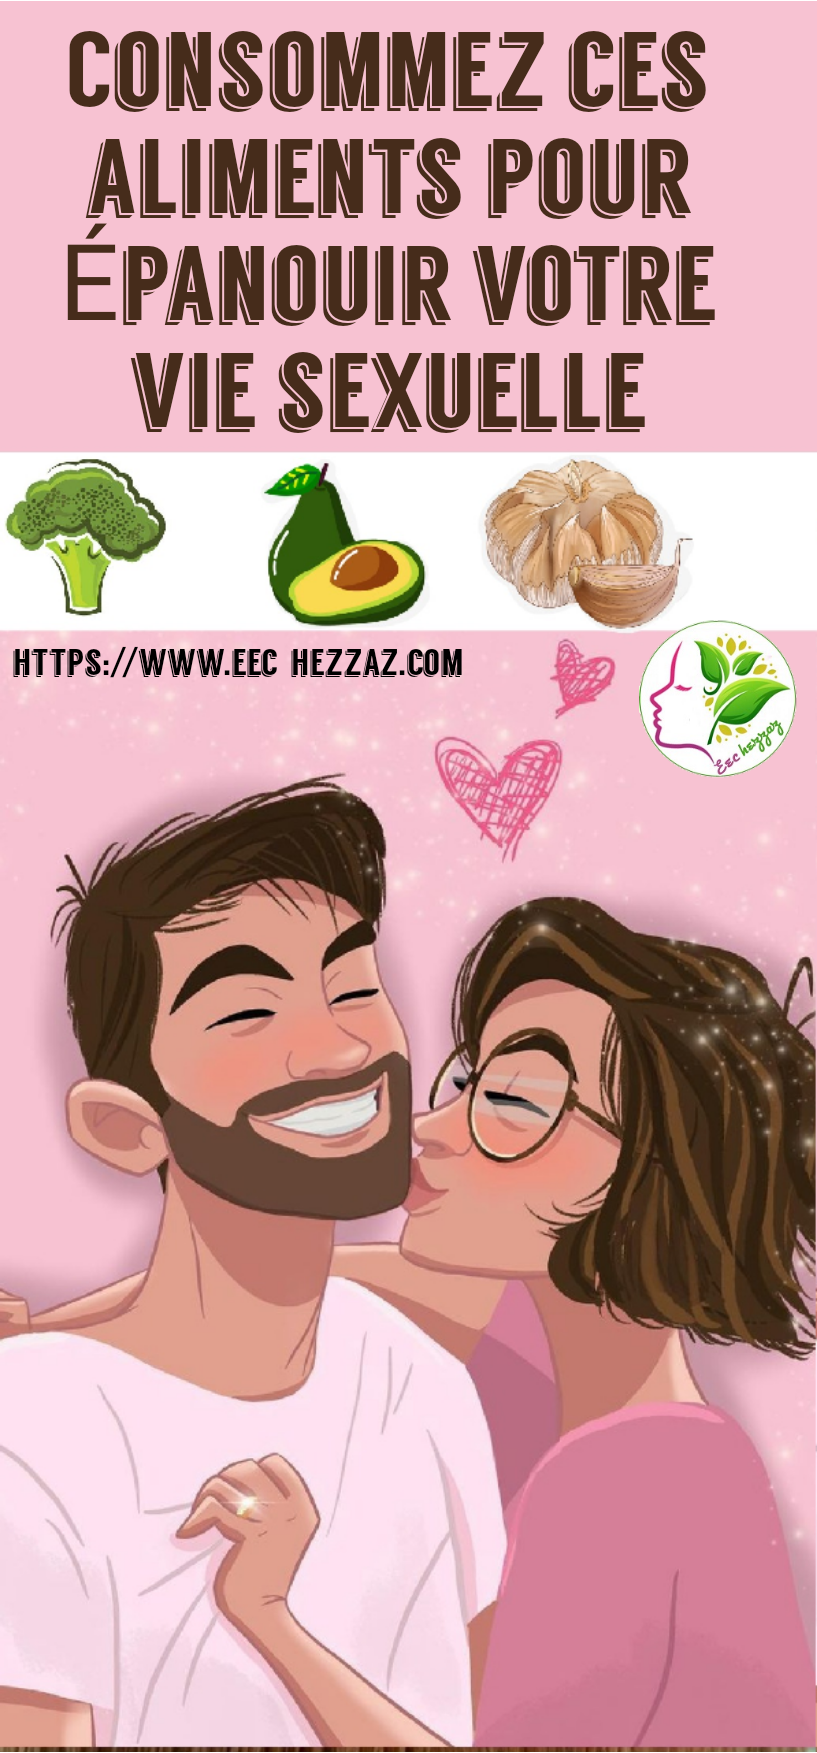 Consommez ces aliments pour épanouir votre vie sexuelle